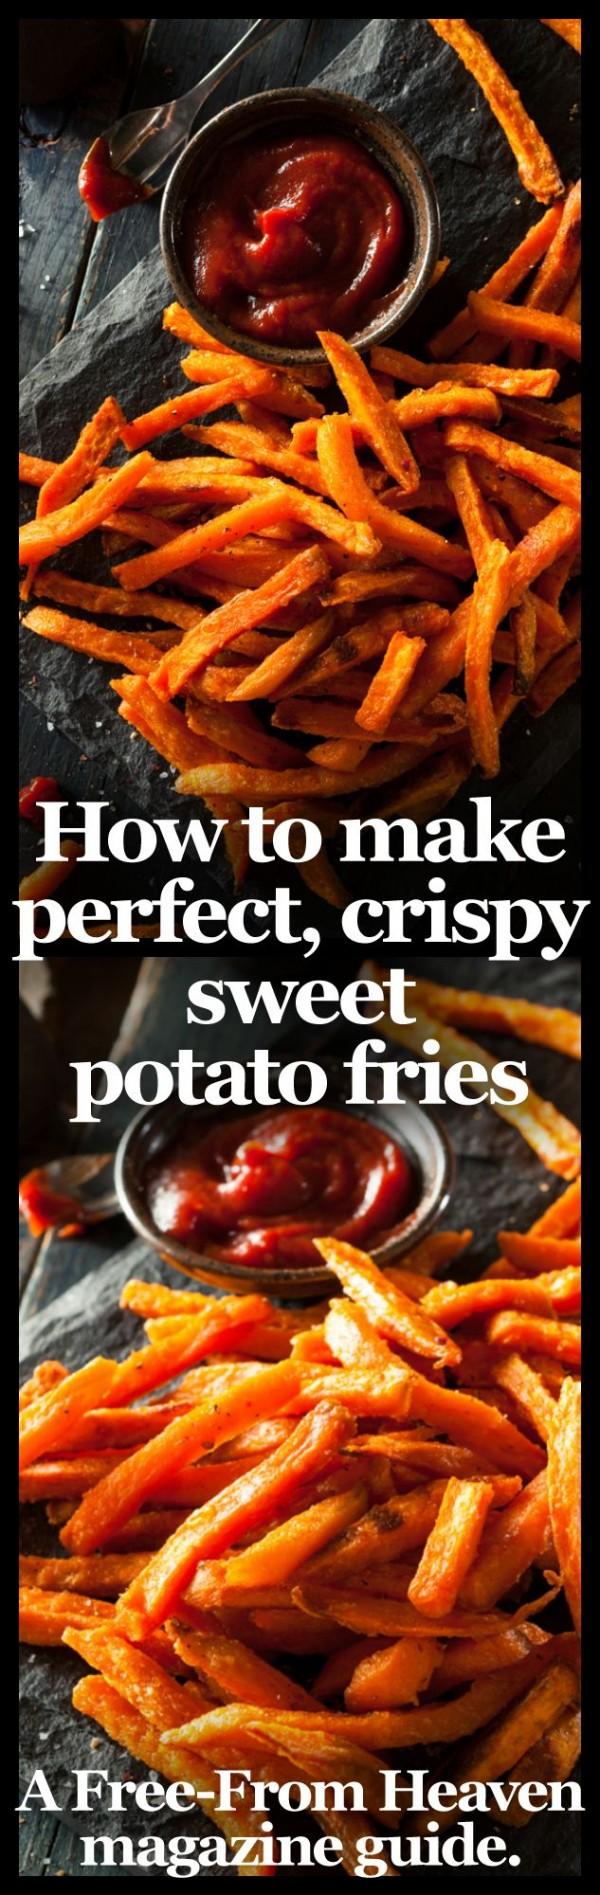 Get the recipe Crispy Sweet Potato Fries @recipes_to_go